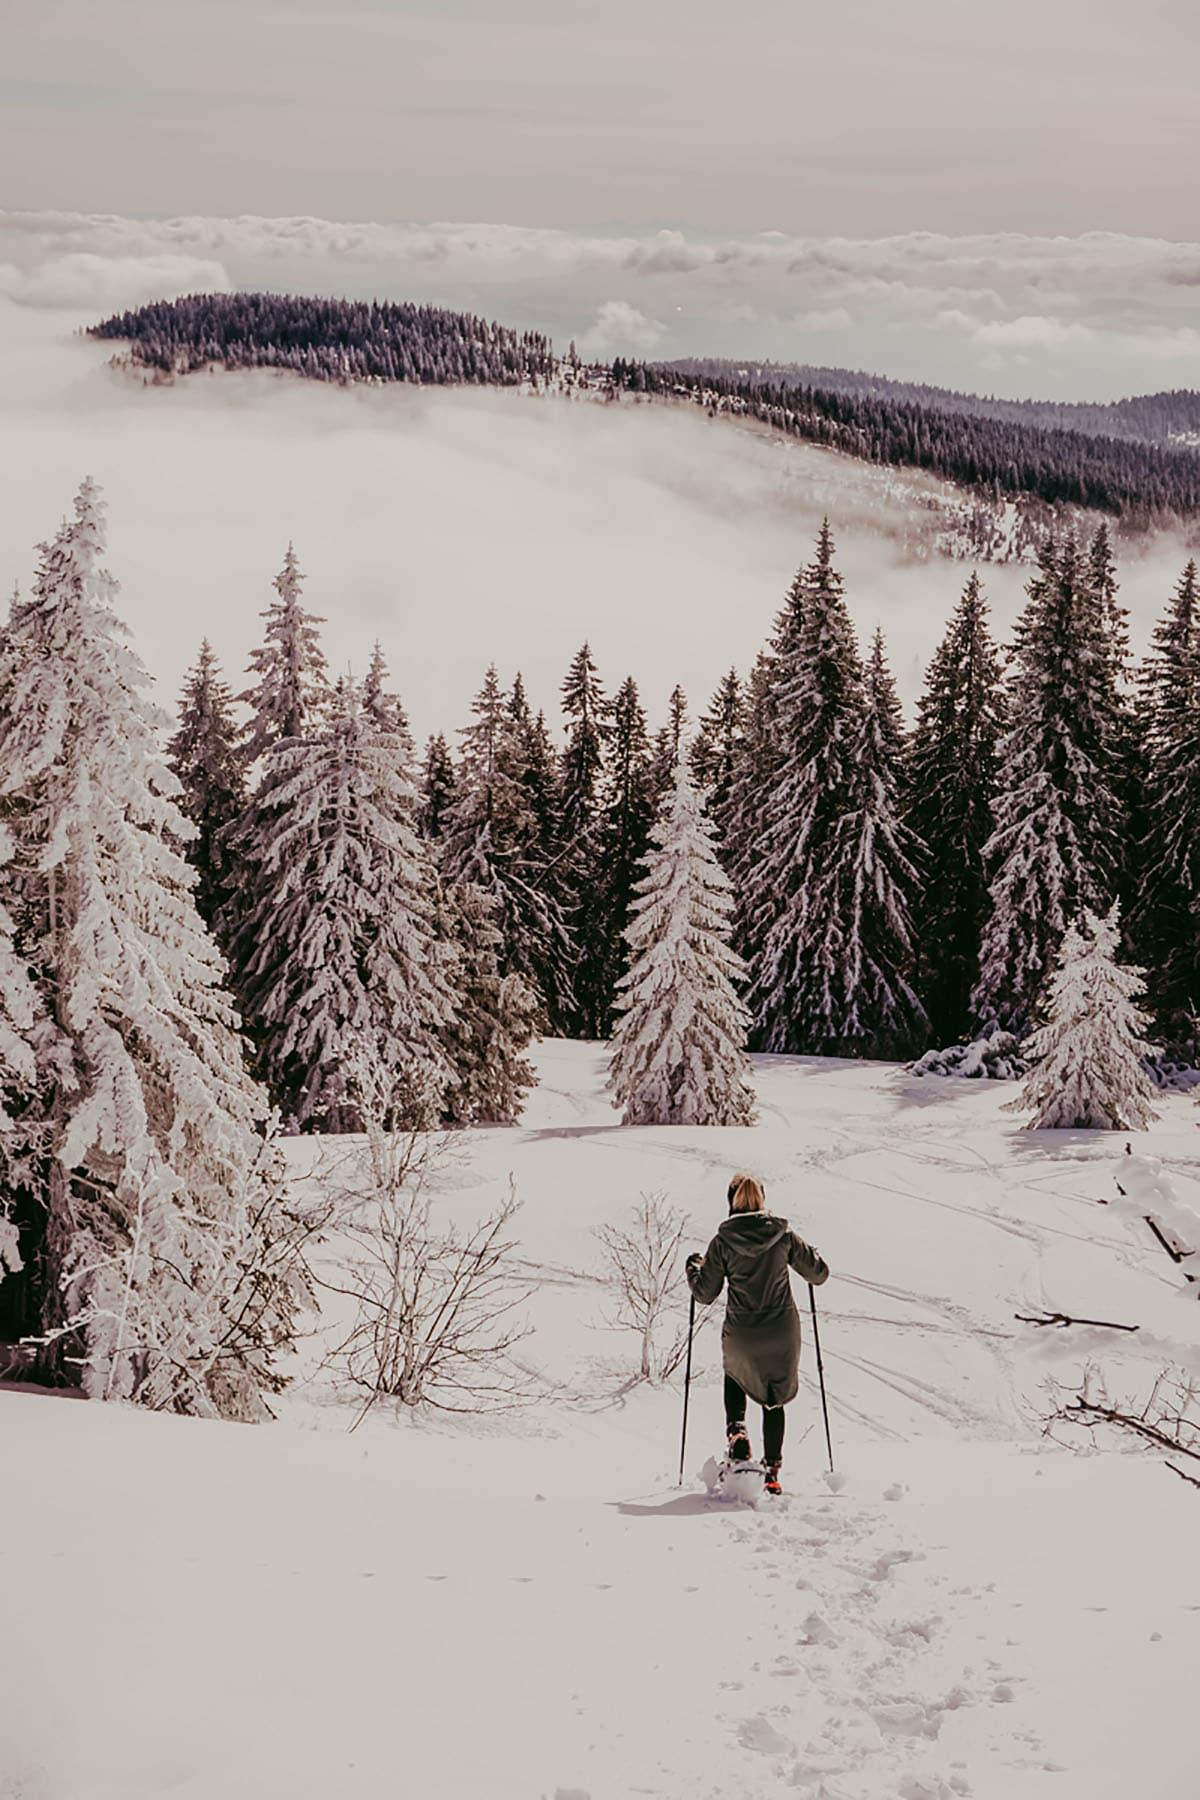 arber-winter-schneeschuhwandern-frau-wald